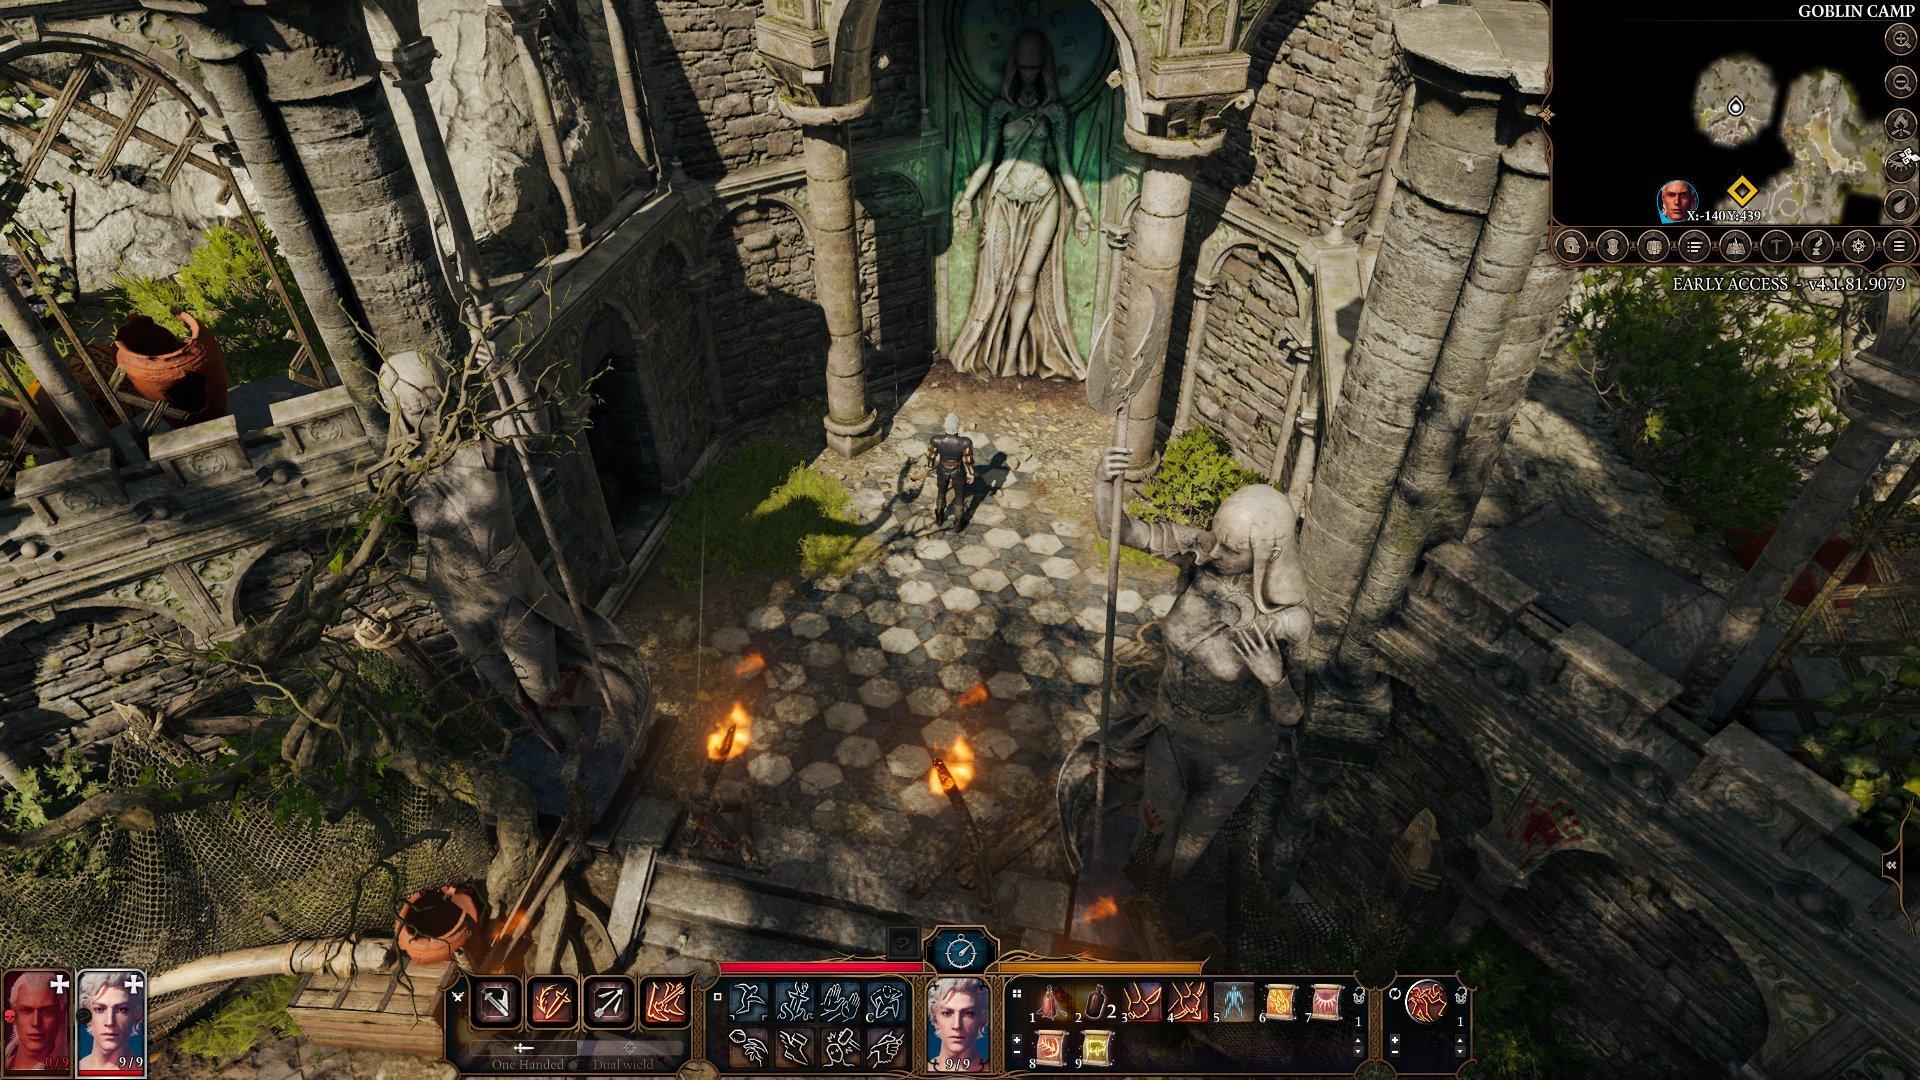 Screenshot for the game Baldur's Gate 3 (v.4.1.106.9344) [GOG] (Early Access)